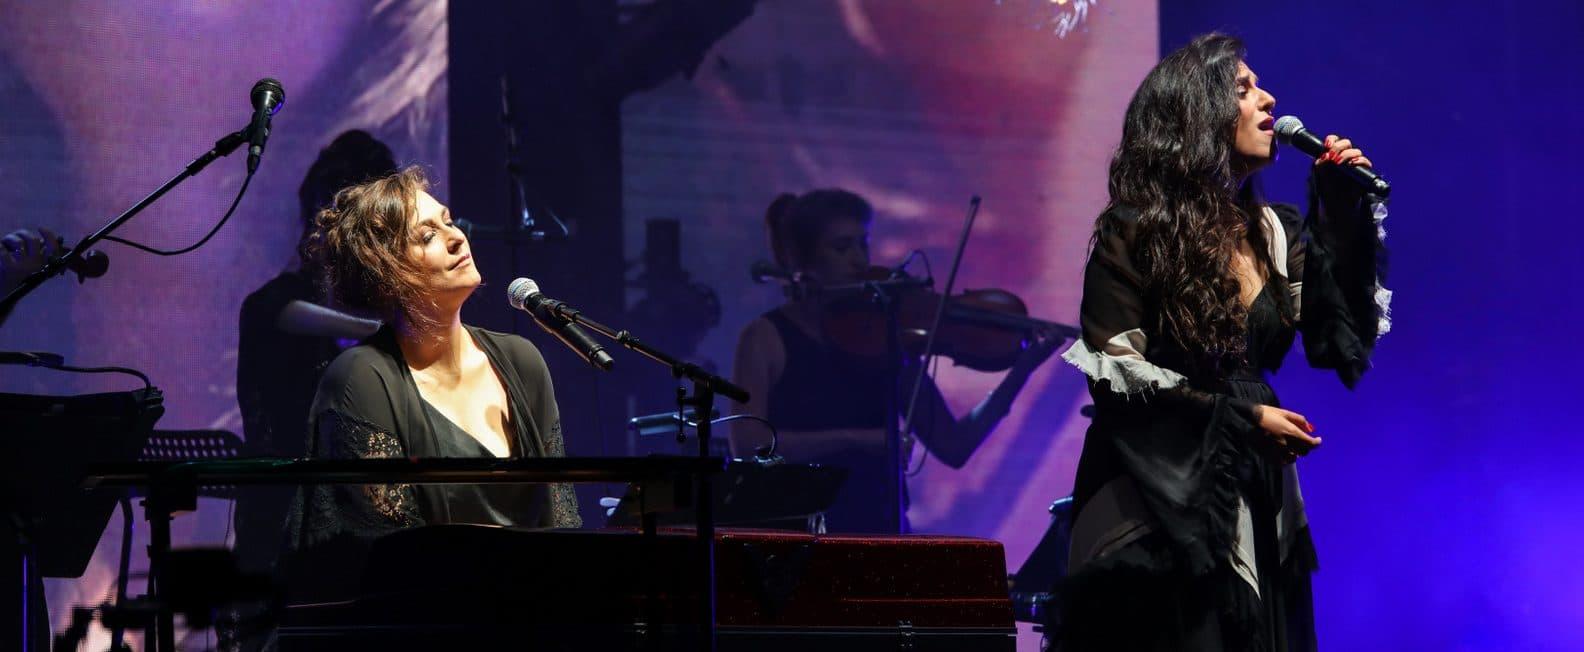 קרן ומירי, המופע במיני ישראל. צילום מרווה שרון